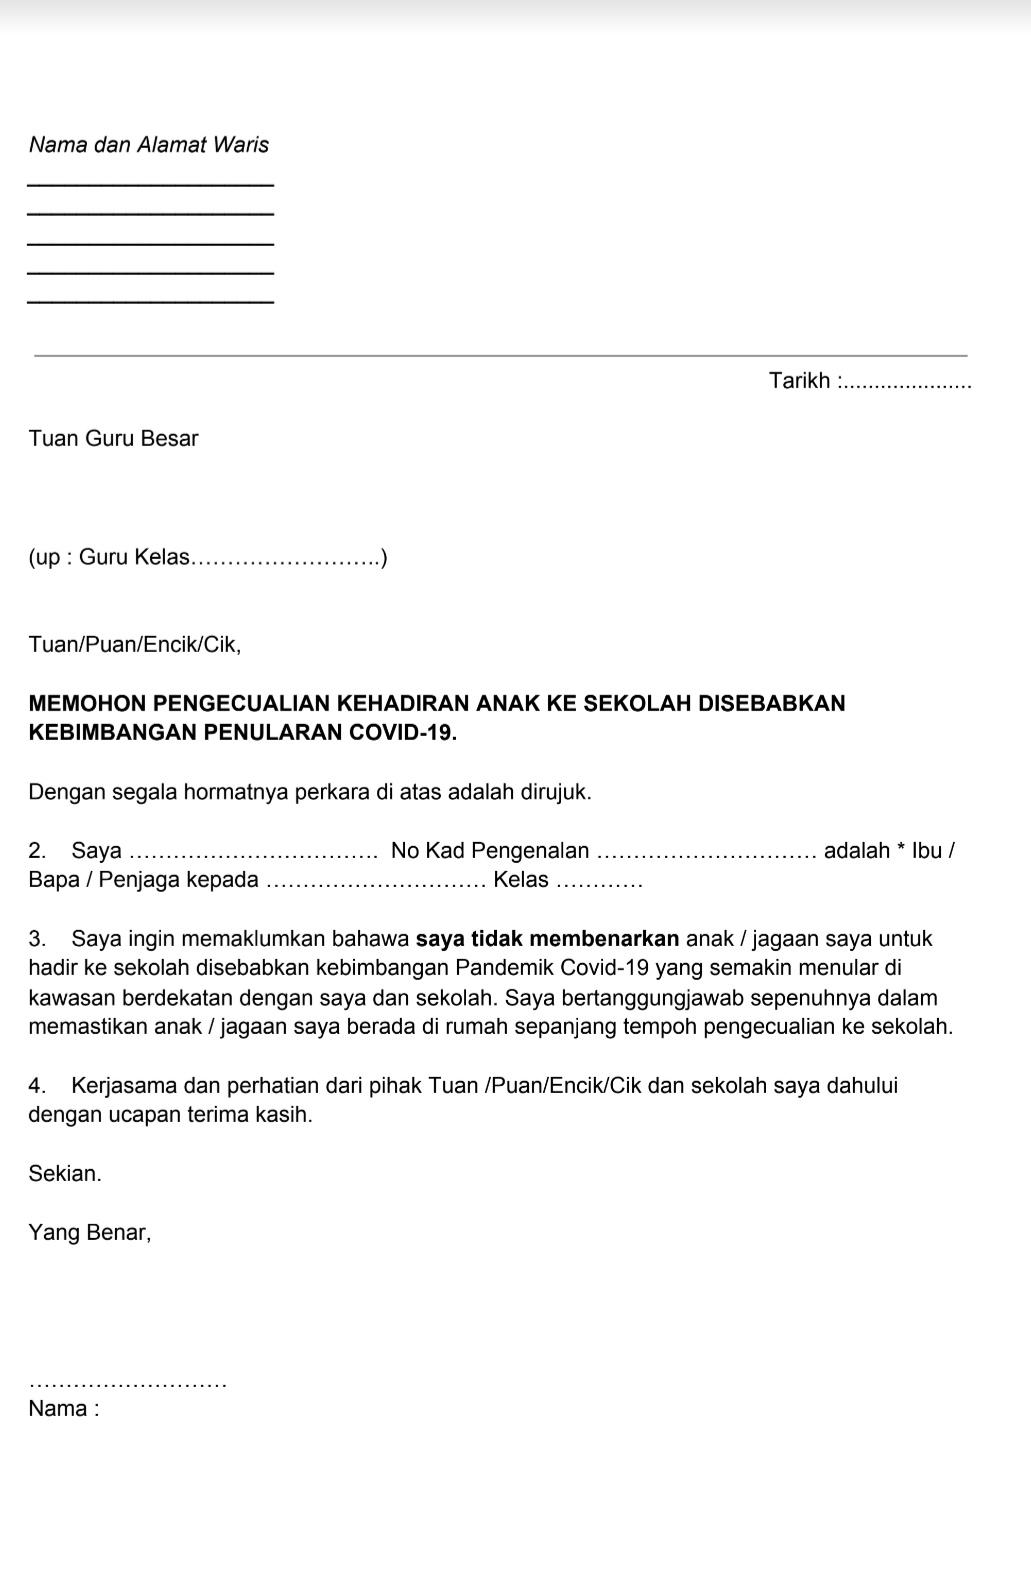 Contoh surat tidak hadir ke sekolah disebabkan kebimbangan Pandemik Covid-19